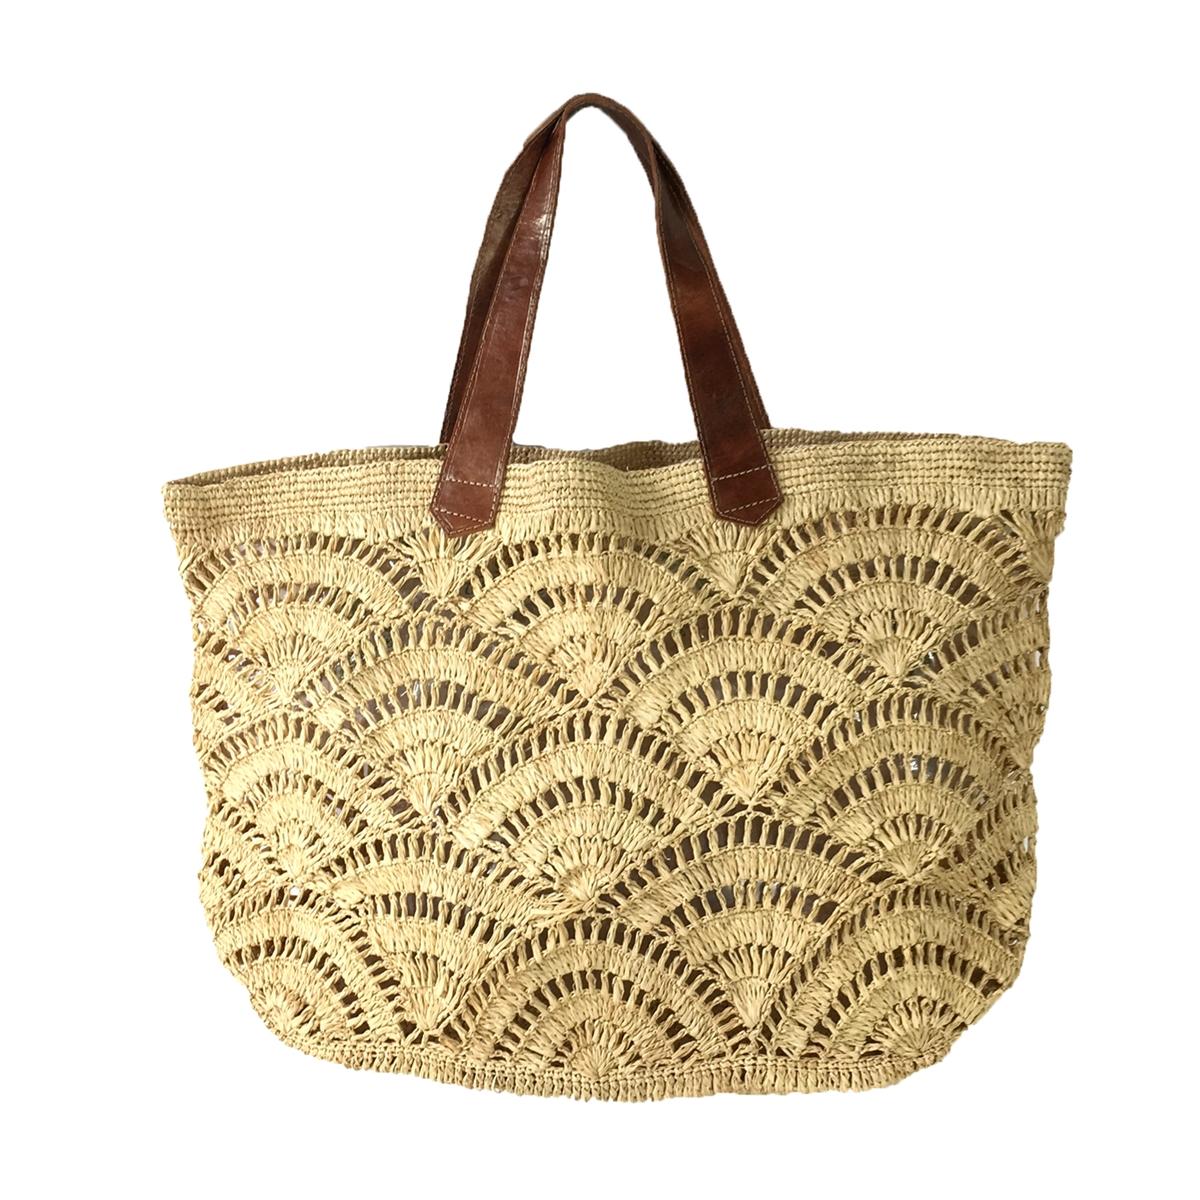 25c335c14c854 Mar Y Sol Tulum Crocheted Raffia Carryall Tote Bag